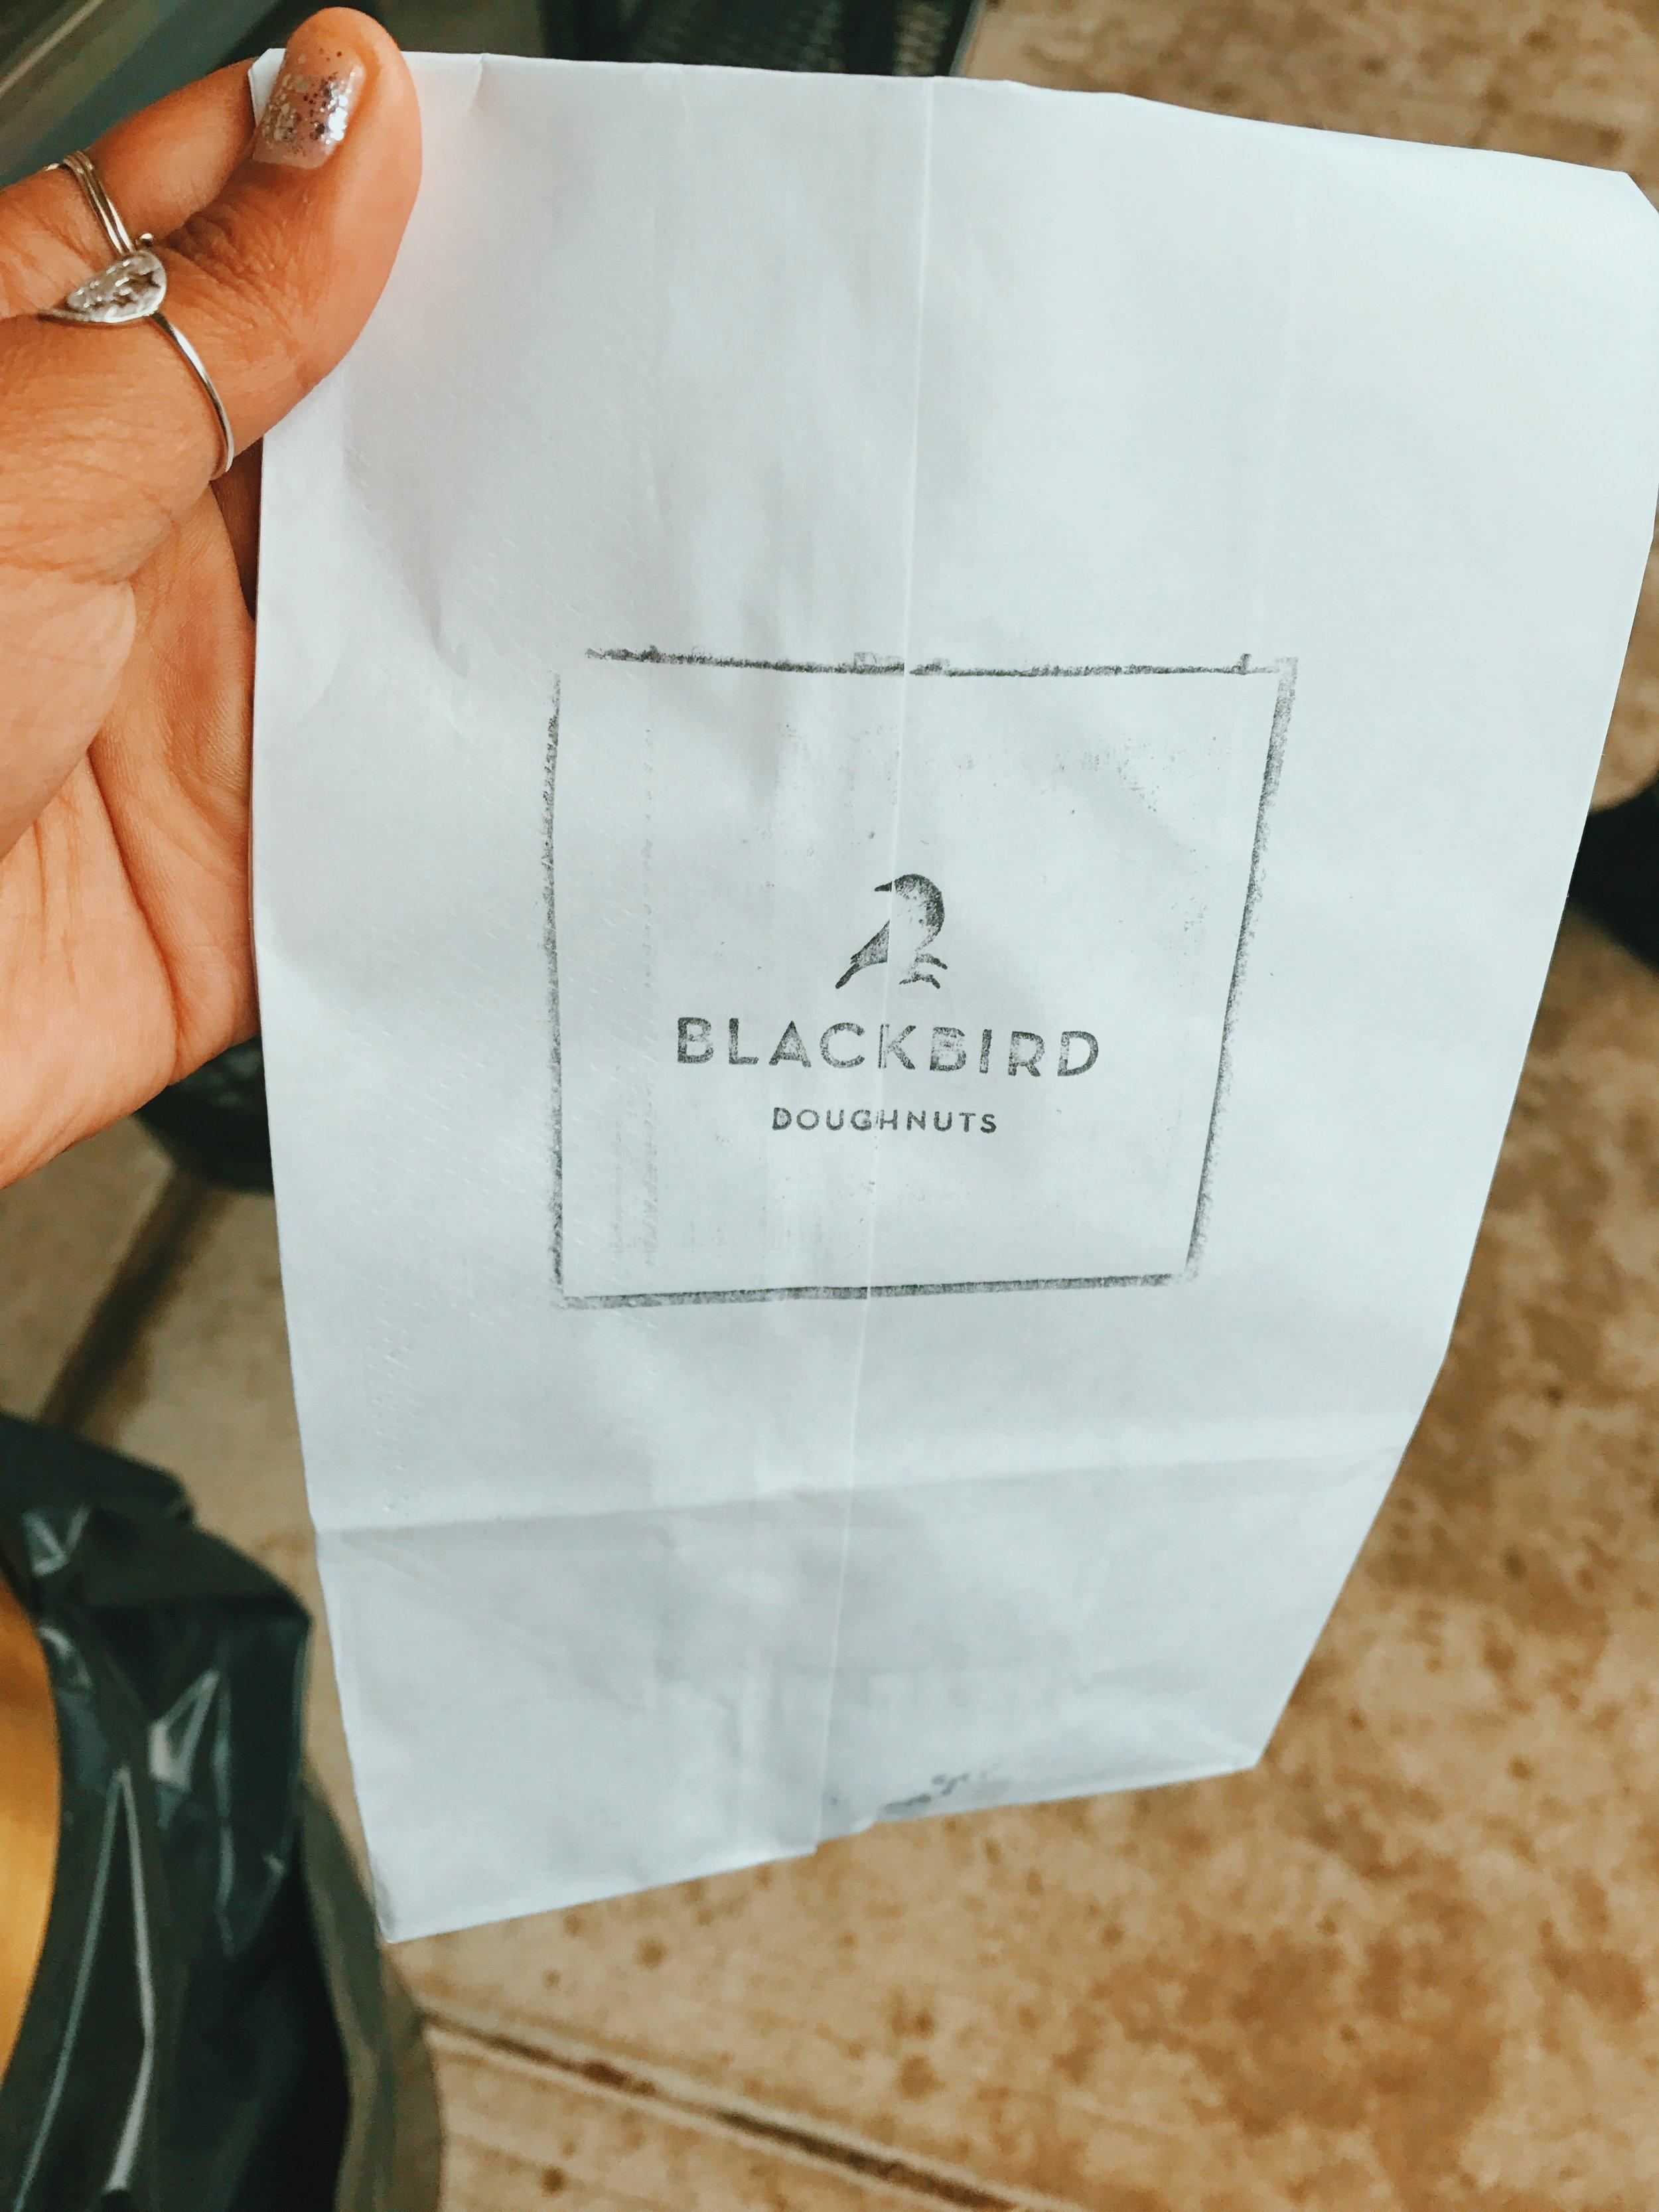 Blackbird Doughnuts